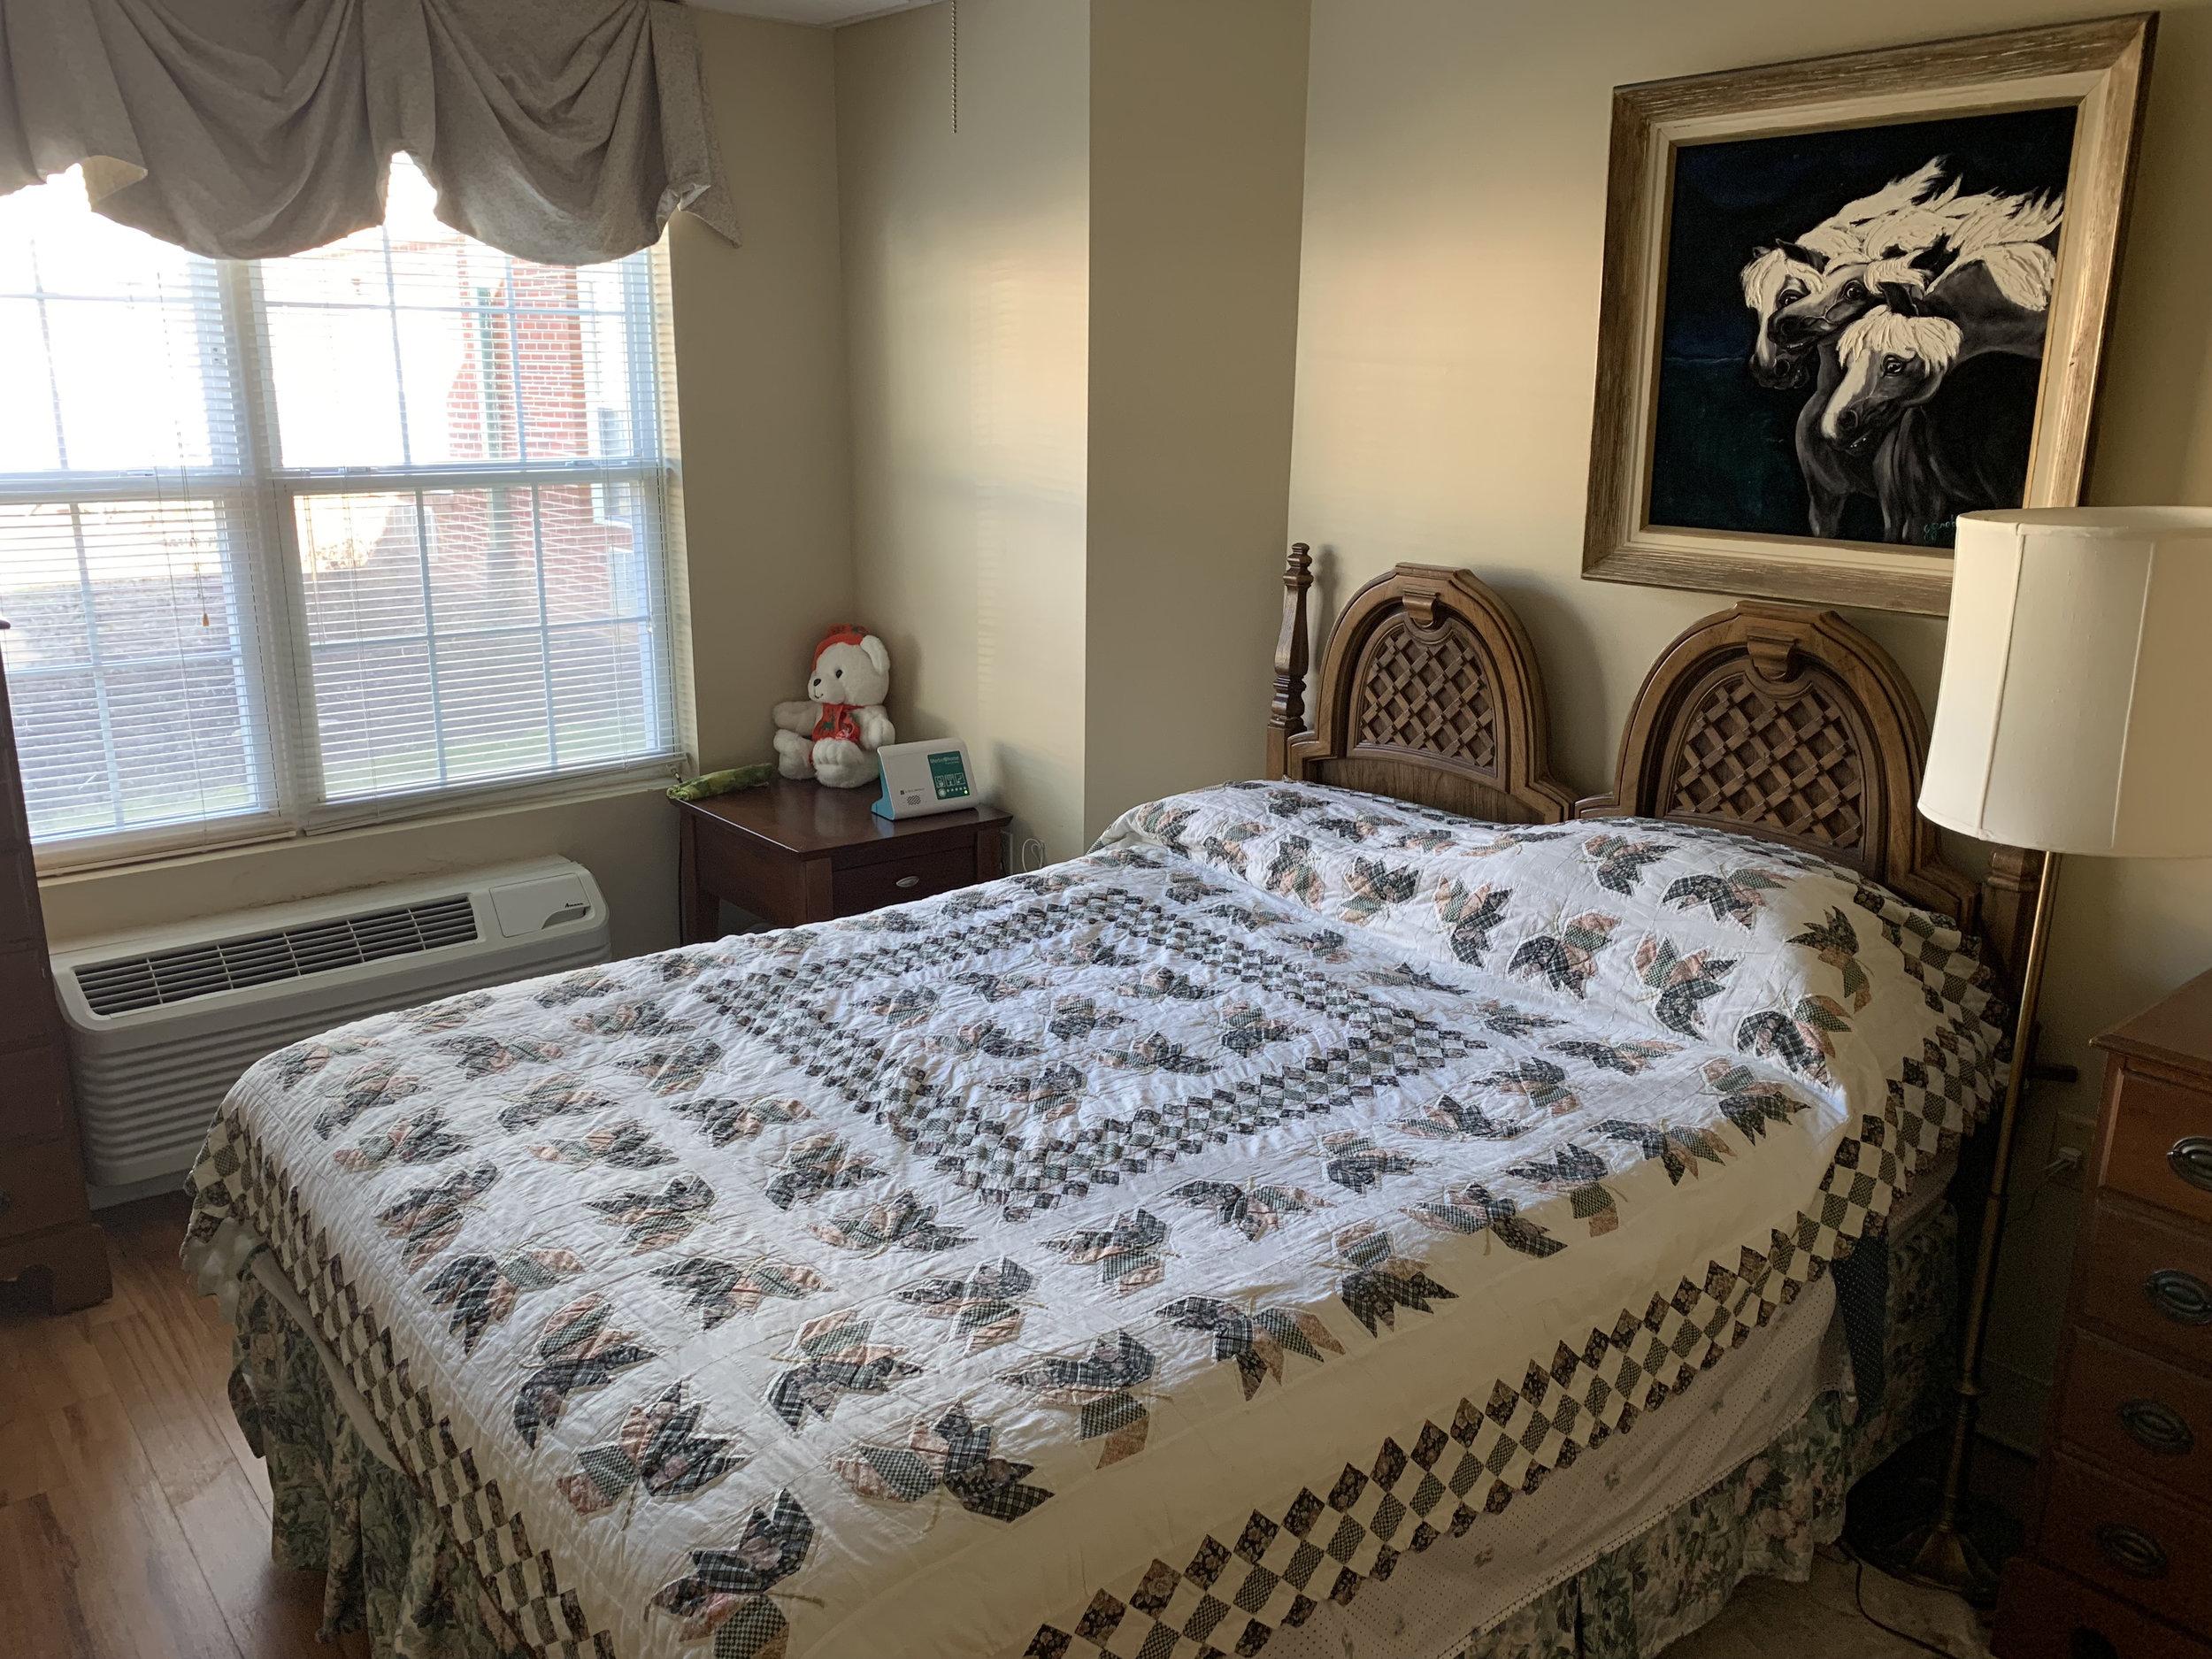 BL_furnished room 4.jpg